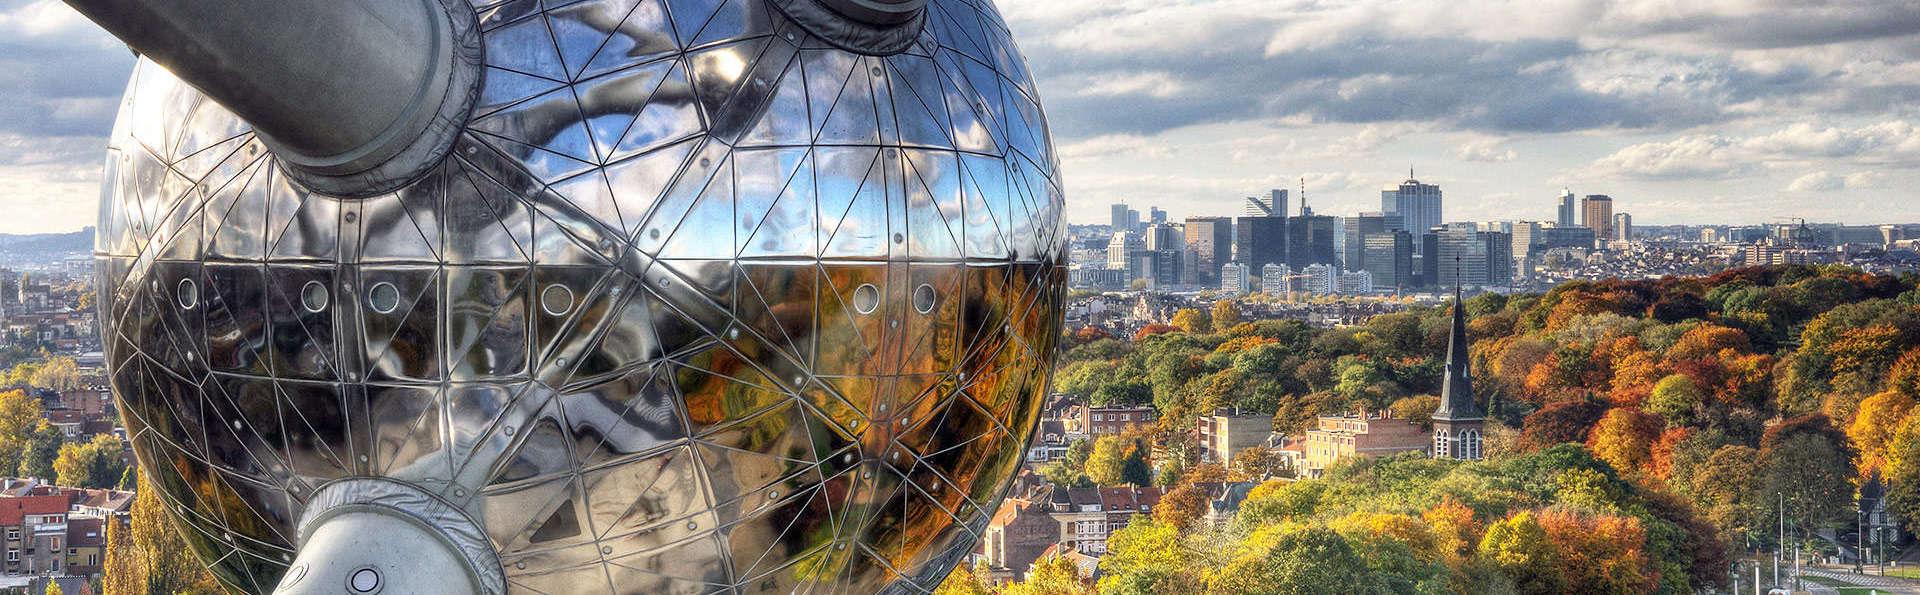 Citytrip à Bruxelles et visite de l'Atomium